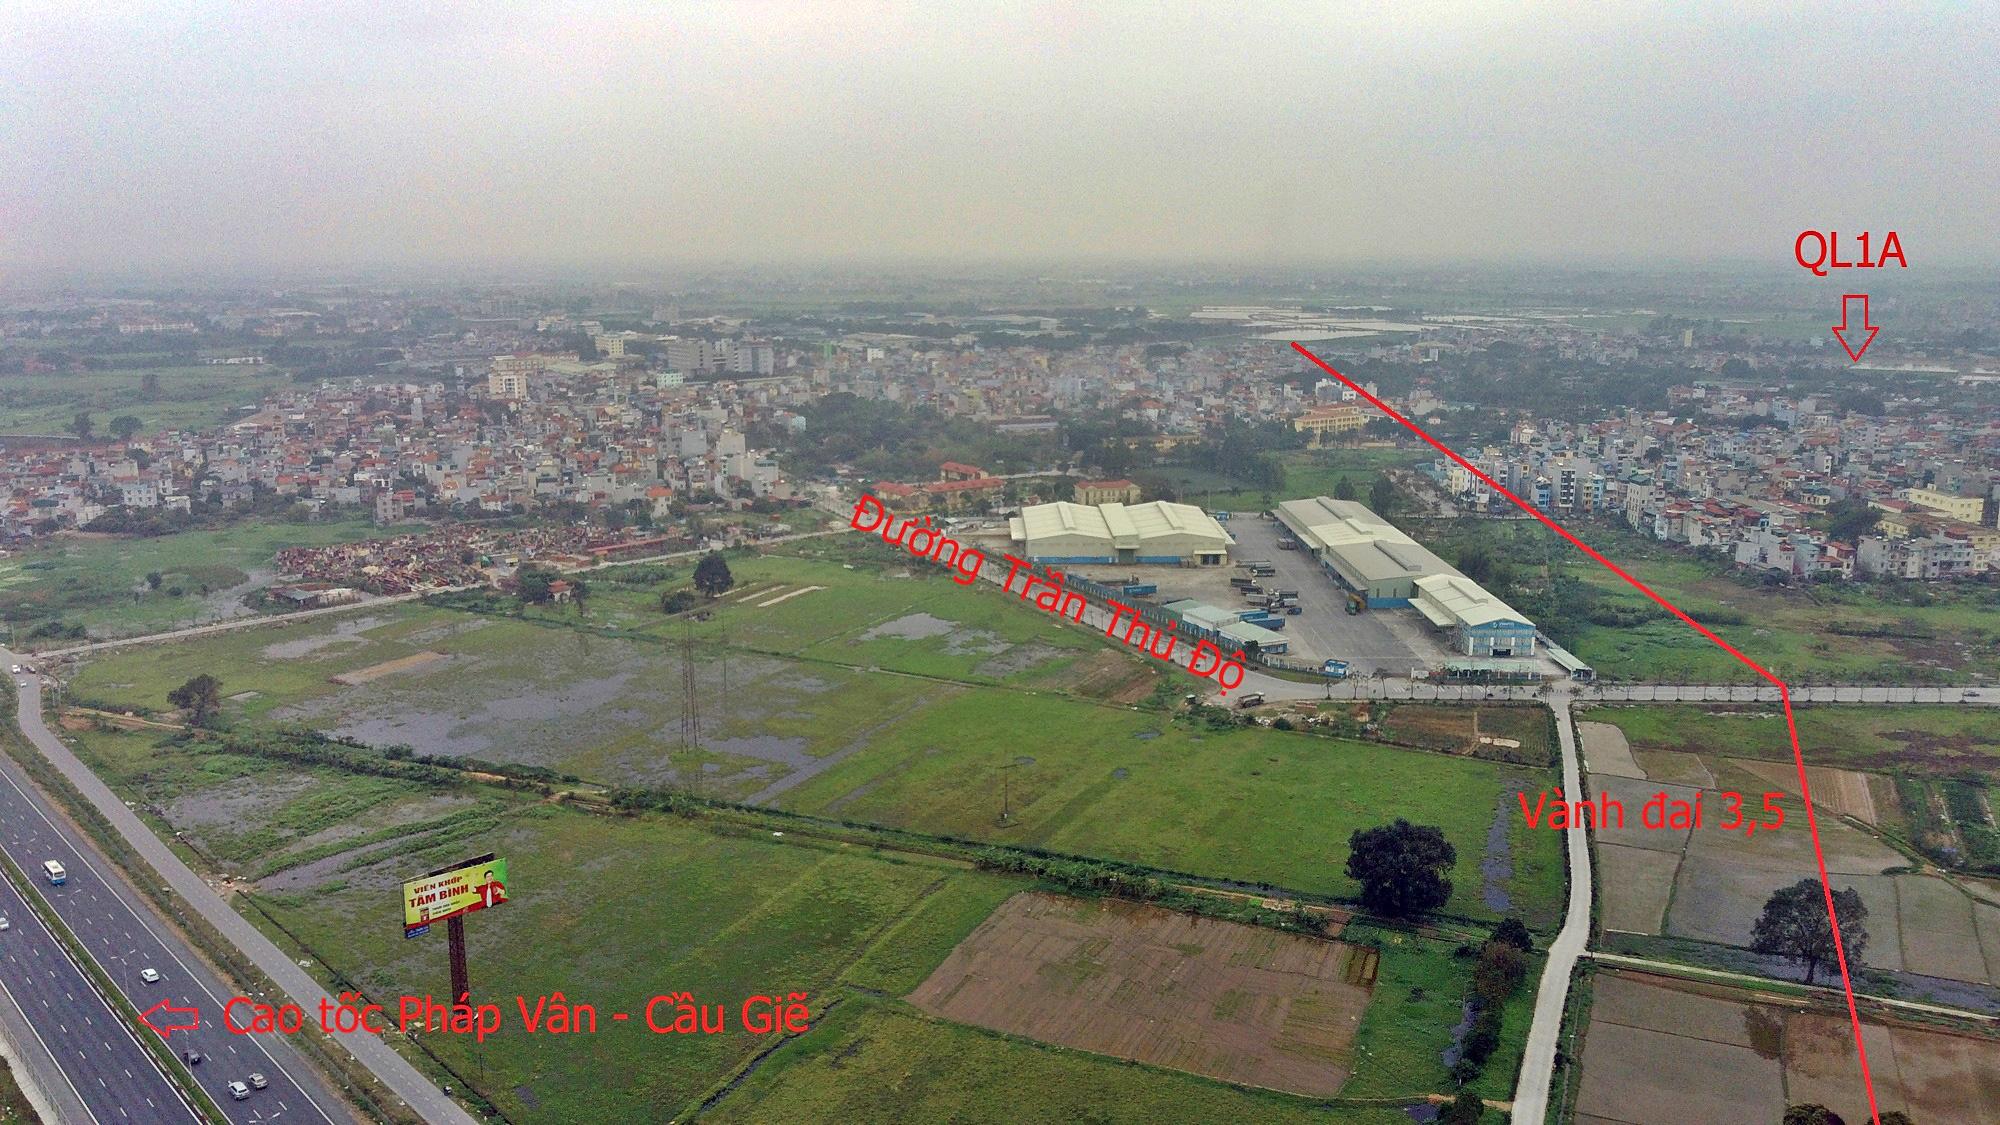 Cầu sẽ mở theo qui hoạch ở Hà Nội: Toàn cảnh cầu Ngọc Hồi nối Hà Nội với Hưng Yên - Ảnh 8.